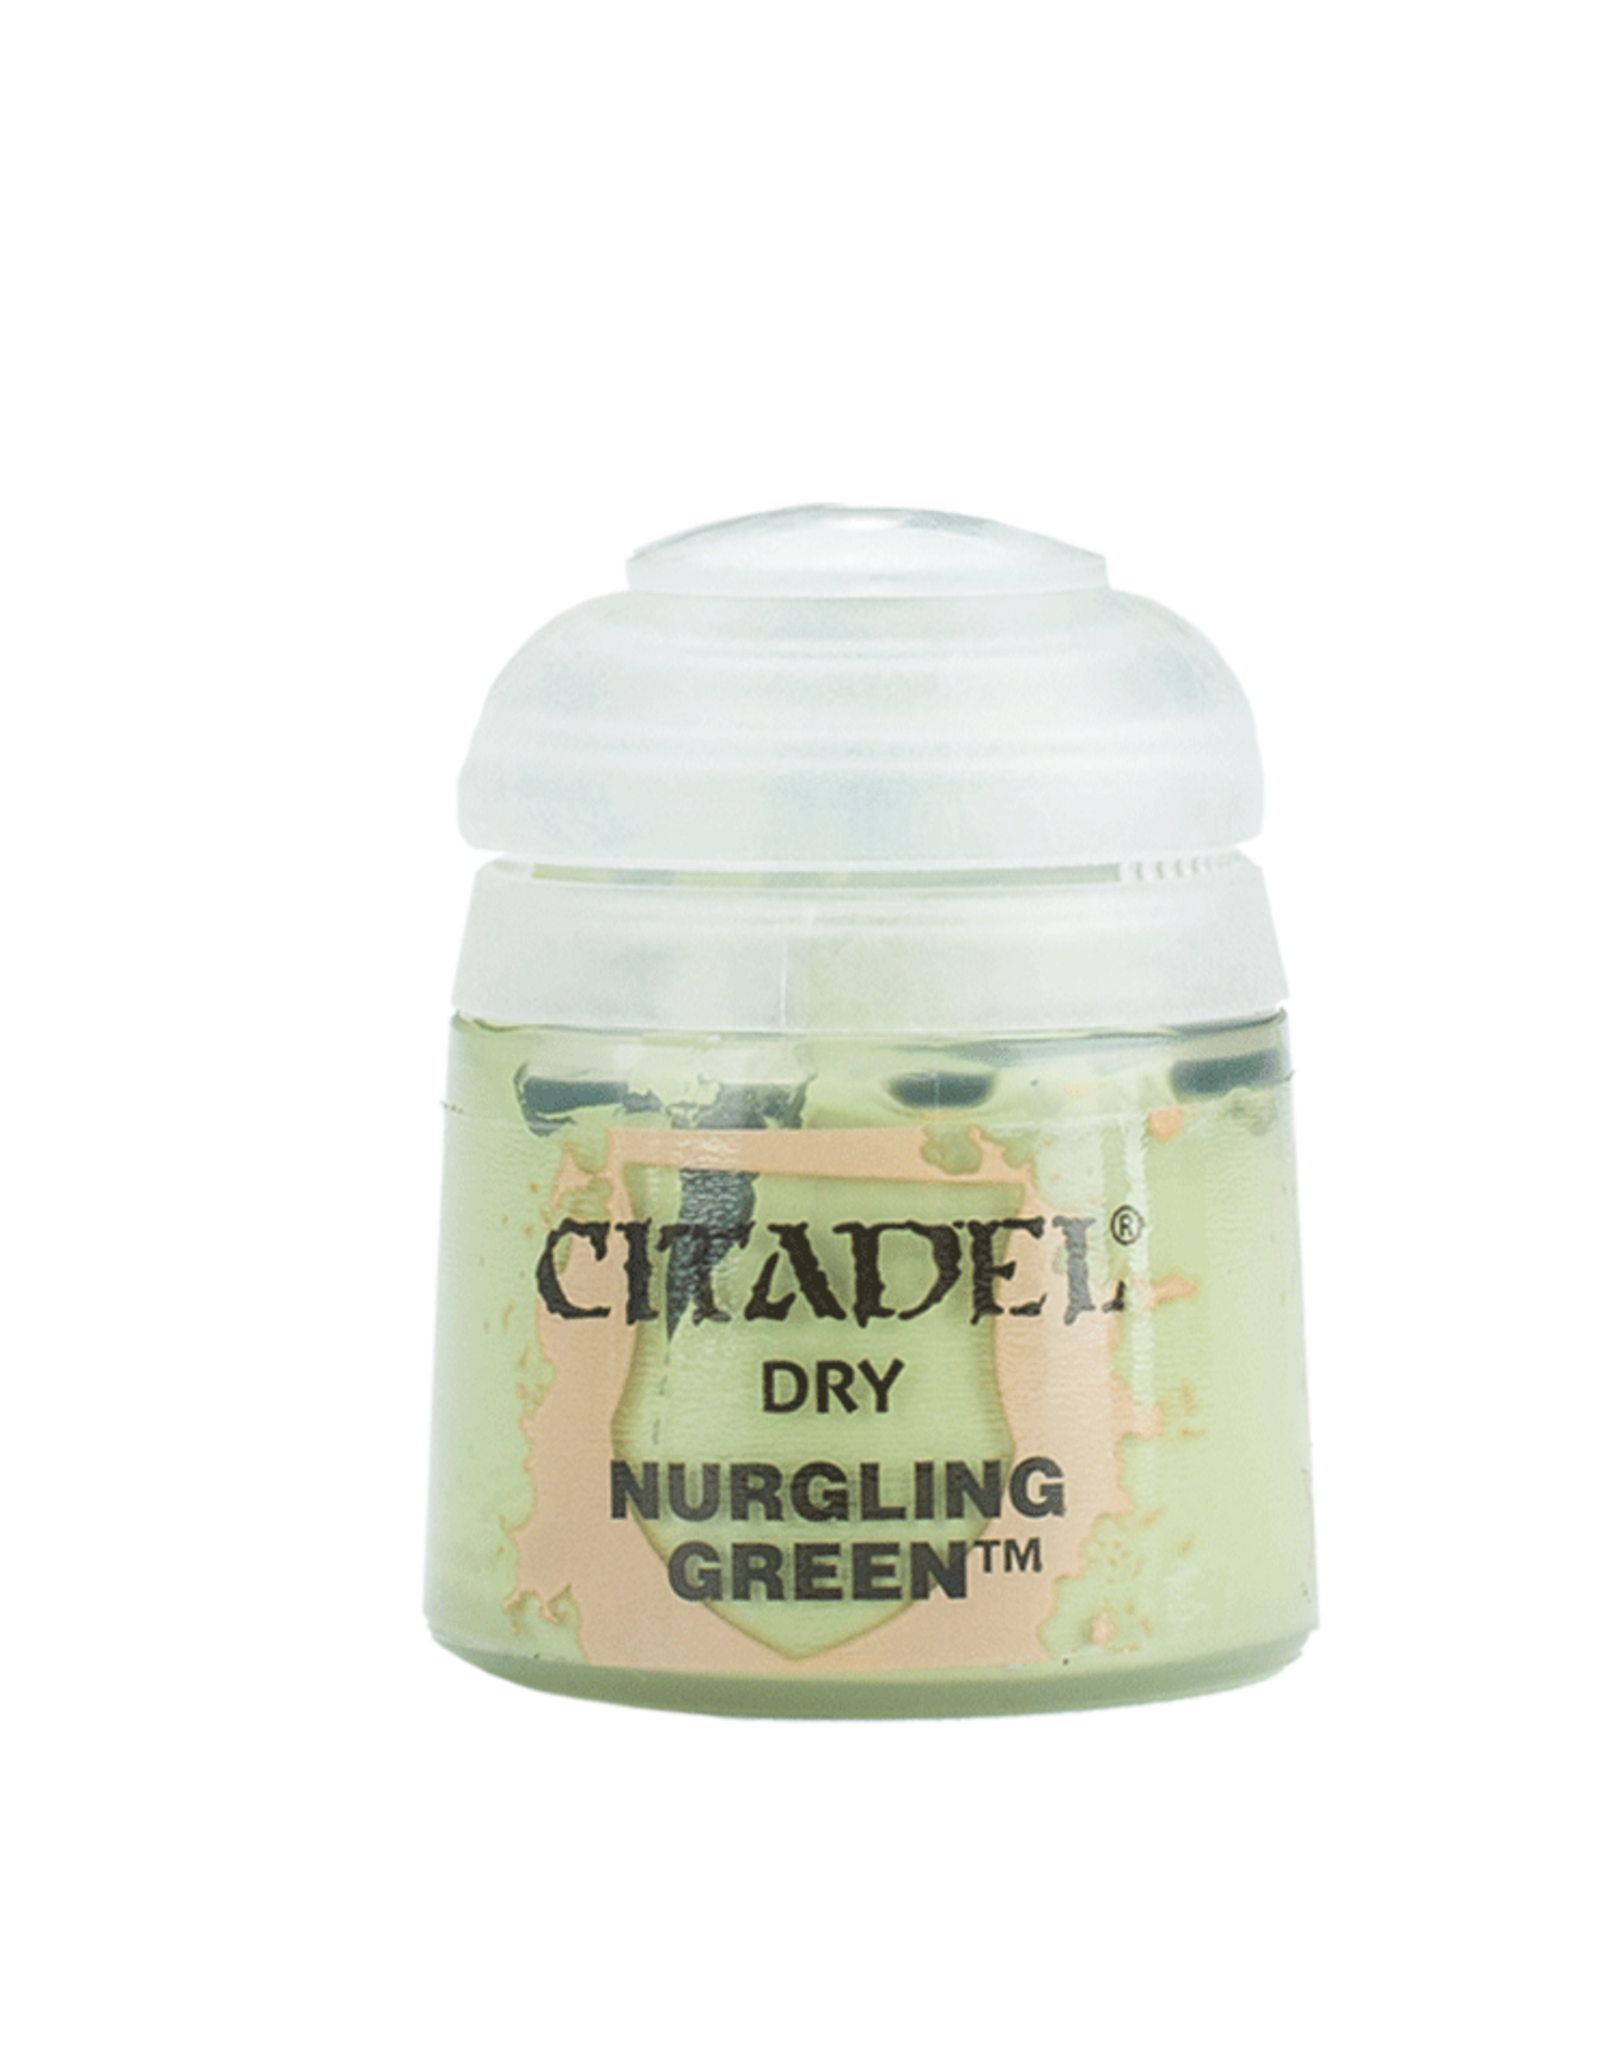 Citadel Citadel Dry: Nurgling Green (12ml)